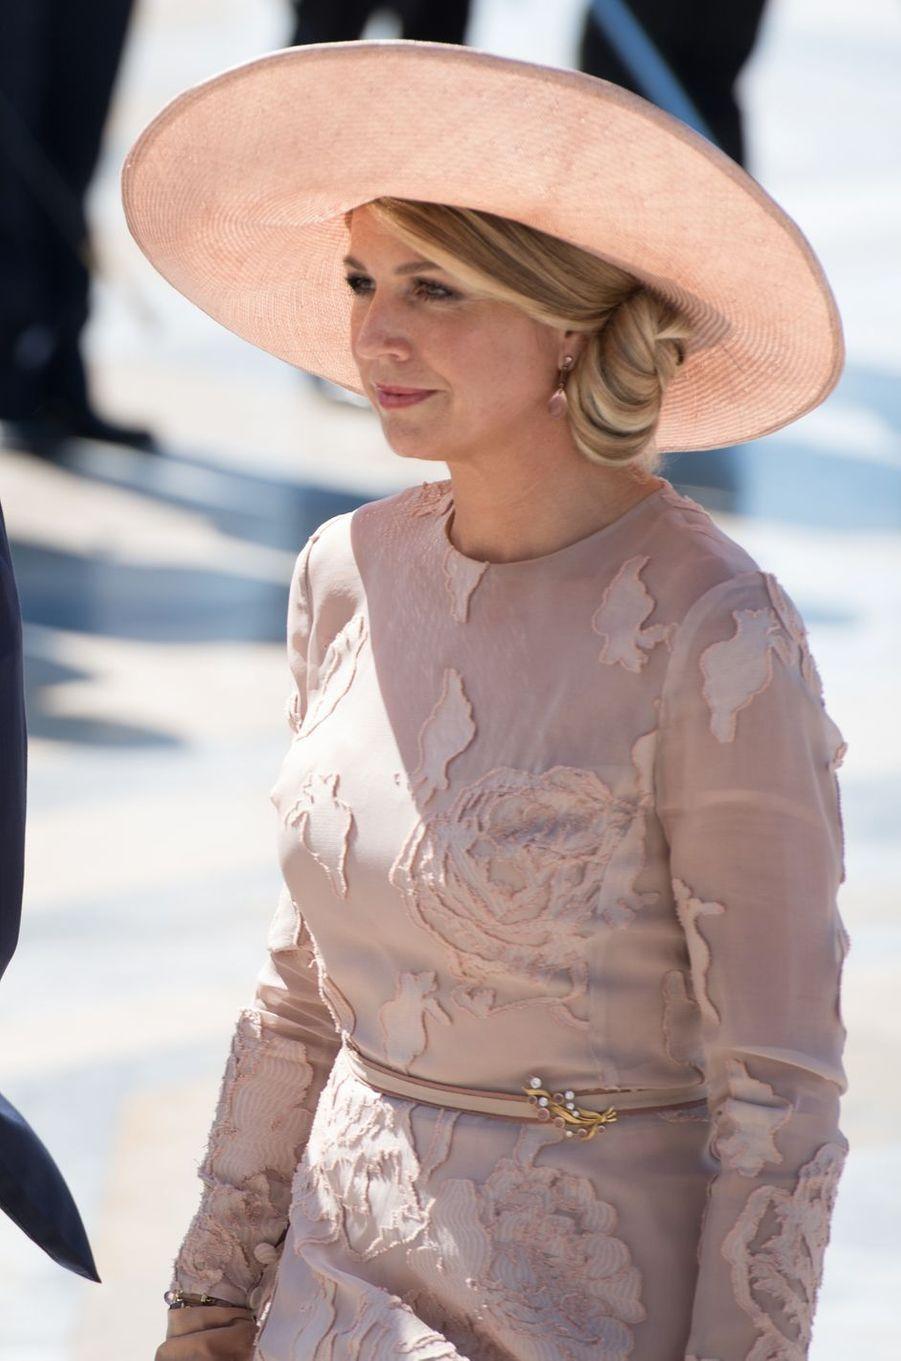 La reine Maxima des Pays-Bas à Rome le 20 juin 2017